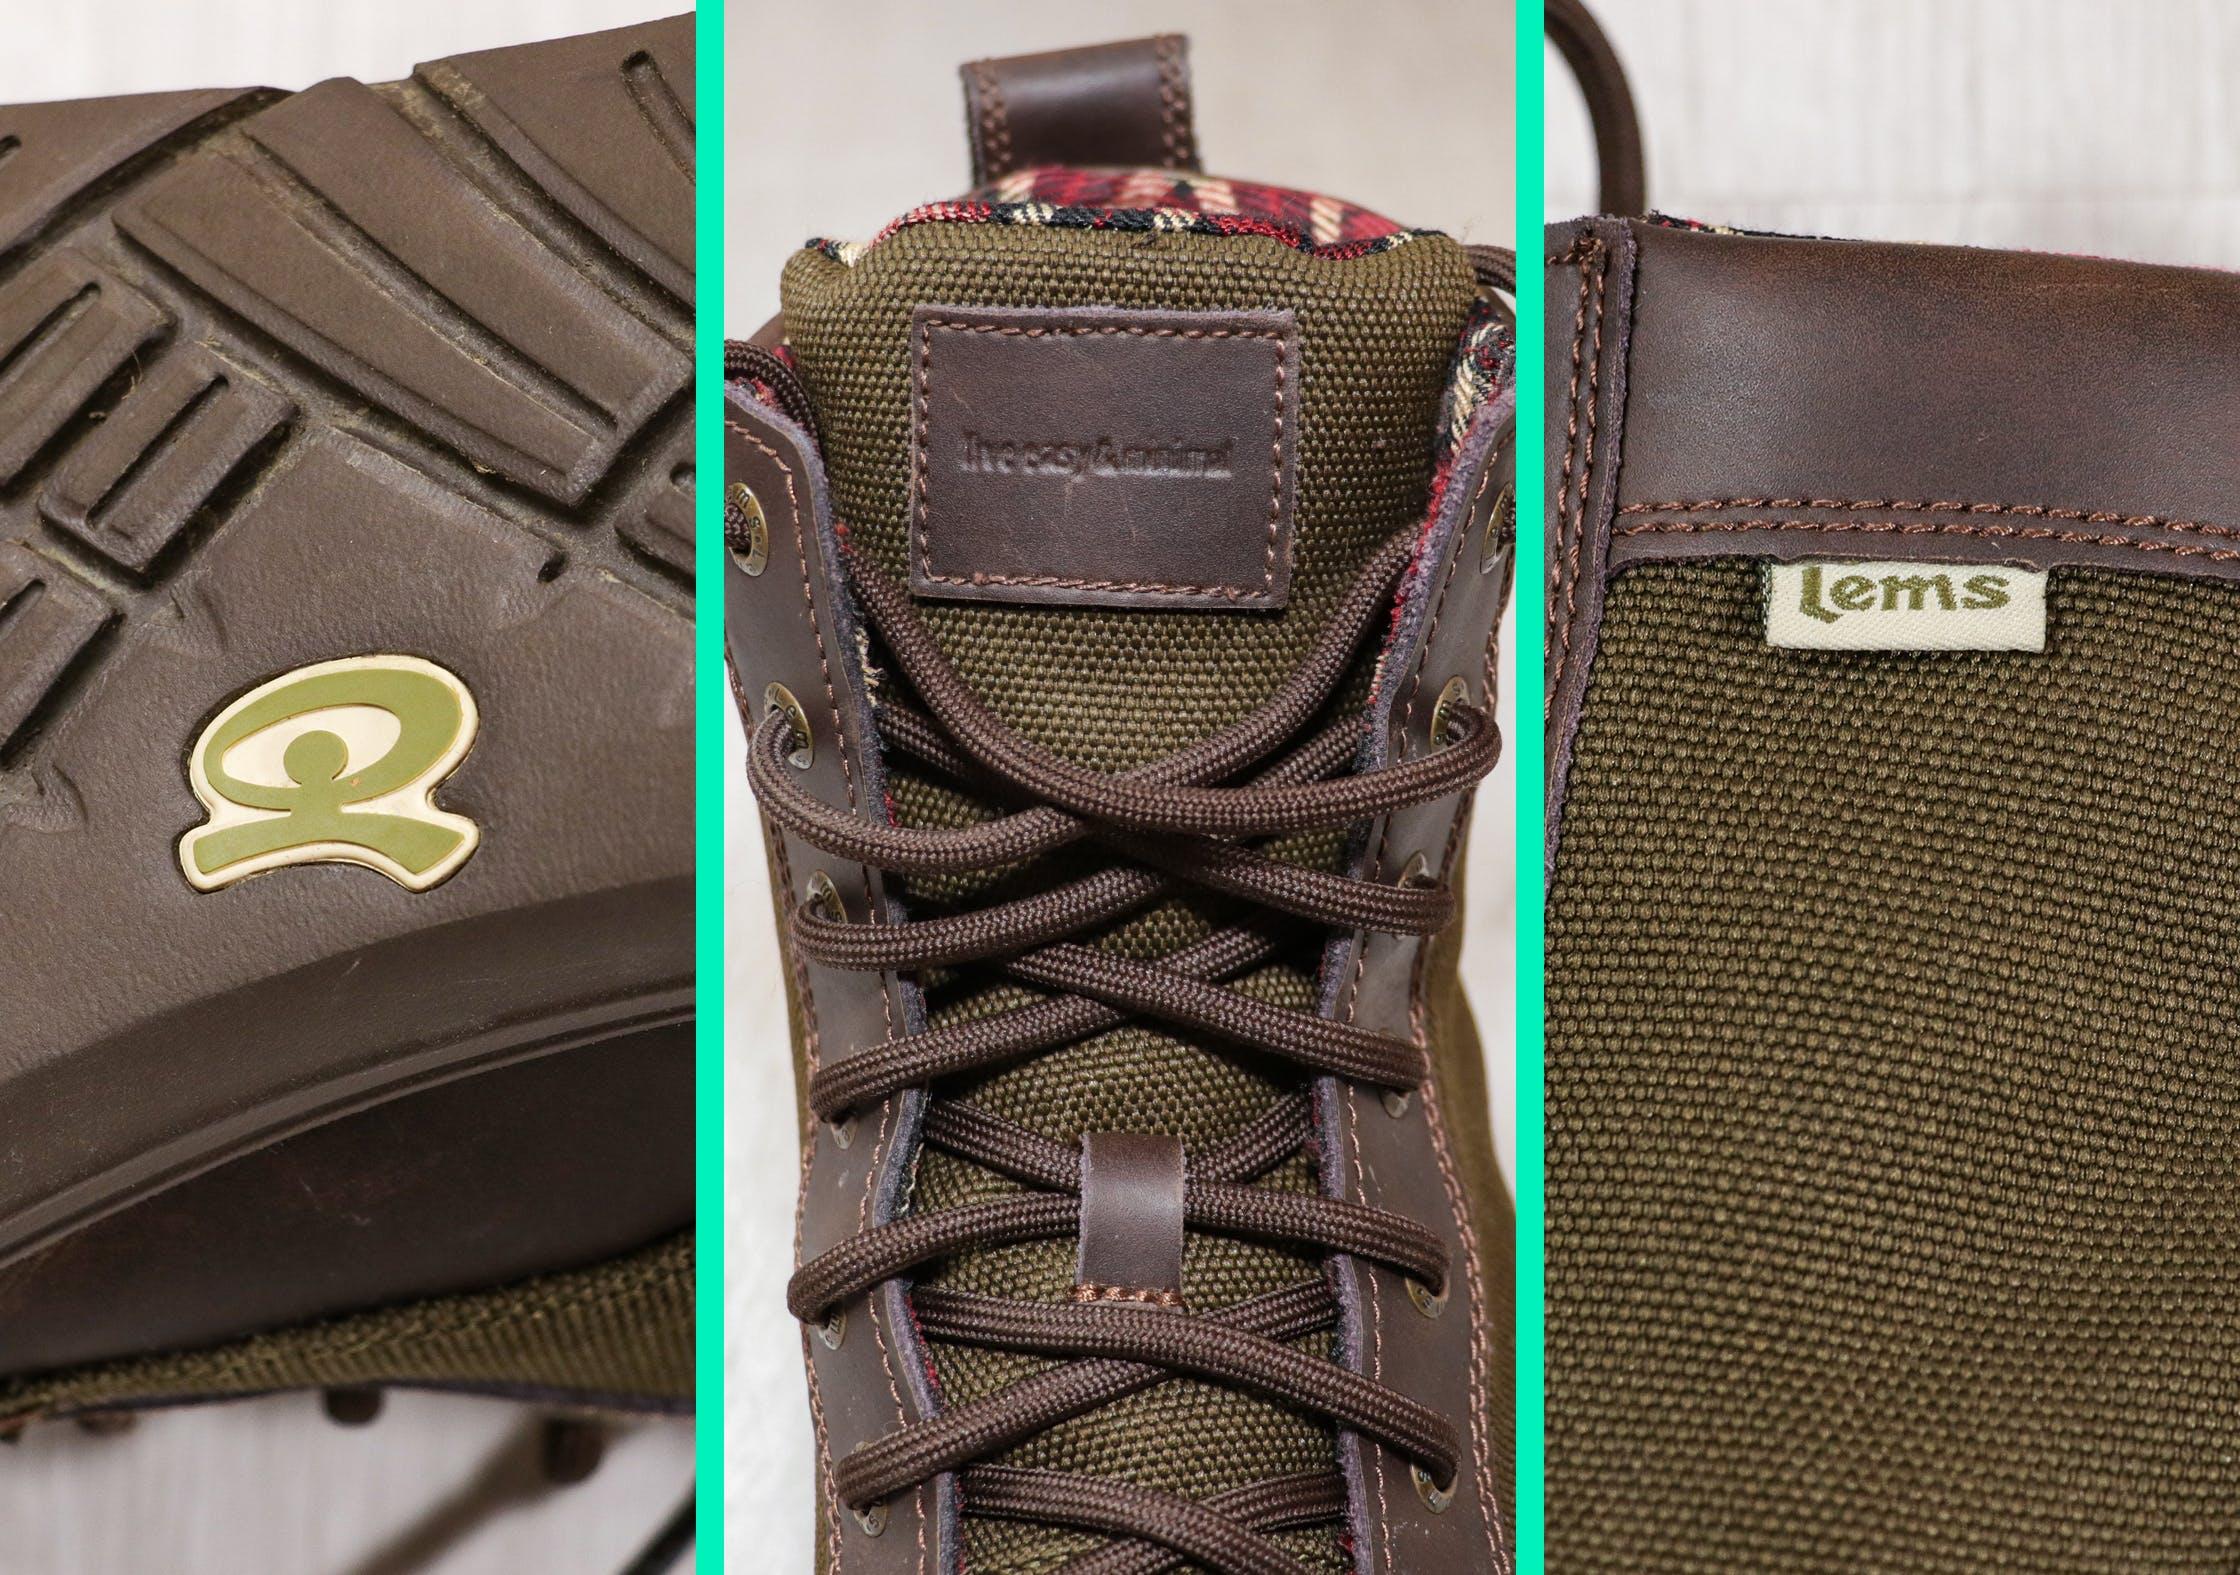 Lems Boulder Boot Branding